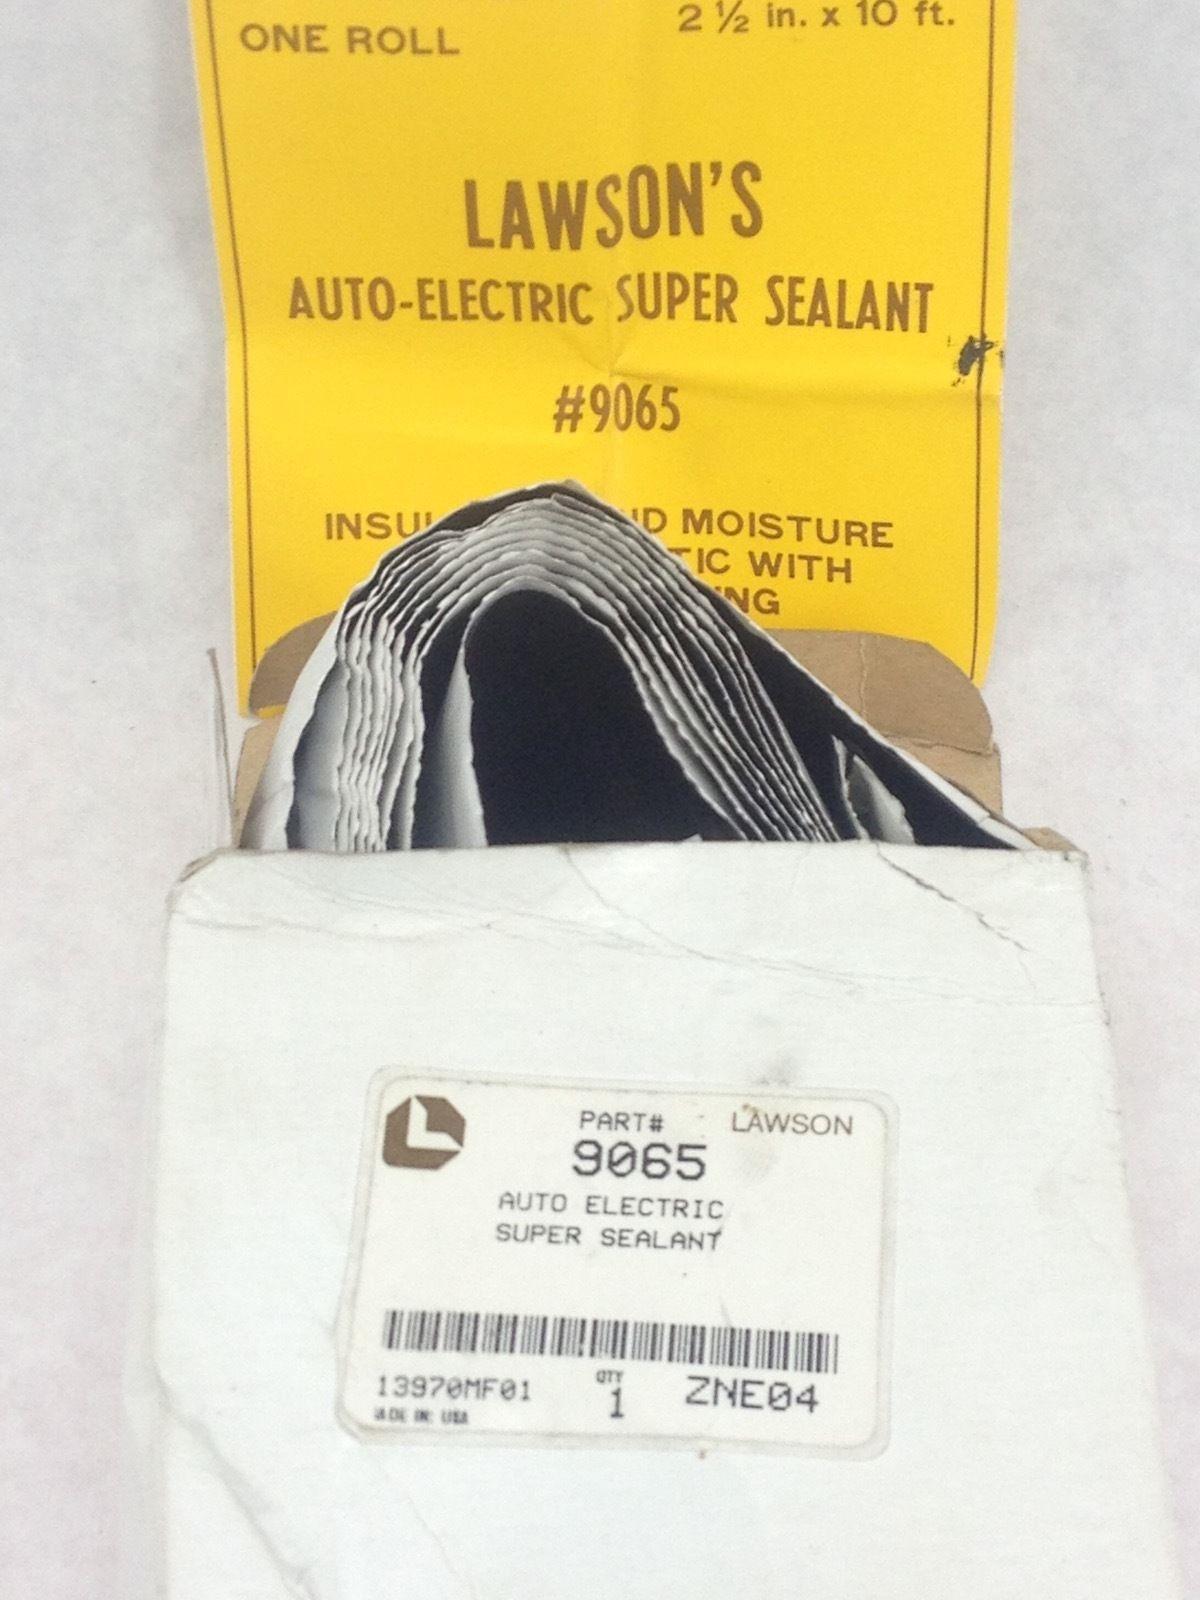 NEW! LAWSON'S 9065 AUTO-ELECTRIC SUPER SEALANT FAST SHIP!!! (A81) 1